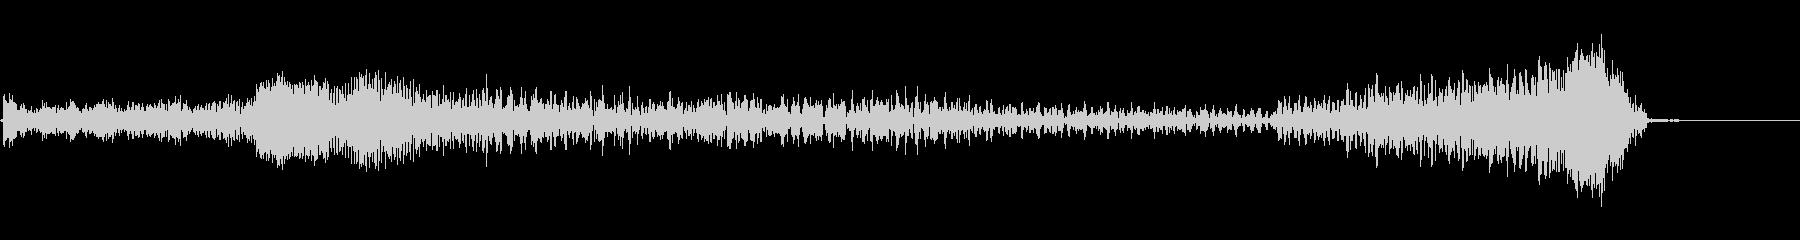 エレクトリックベース:ロング・スケ...の未再生の波形